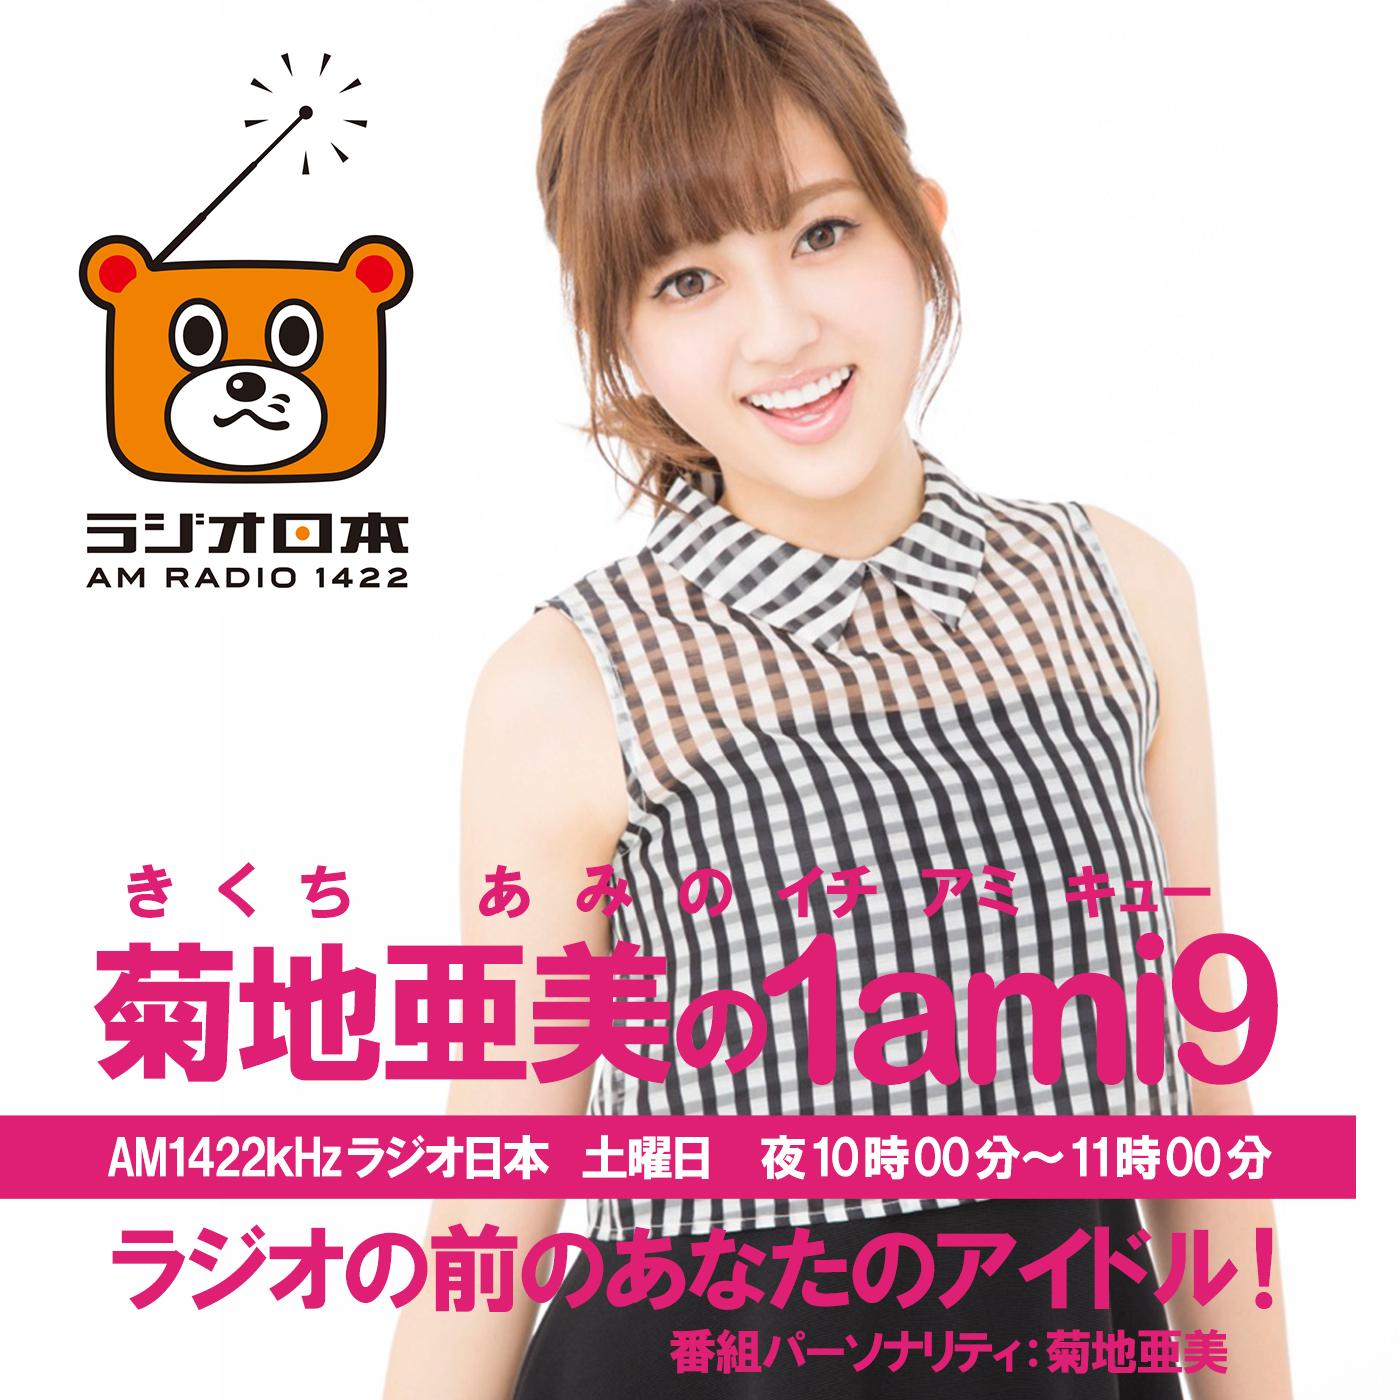 アミキューブログ&ポッドキャスト   菊地亜美の1ami9 AM1422kHz ラジオ日本